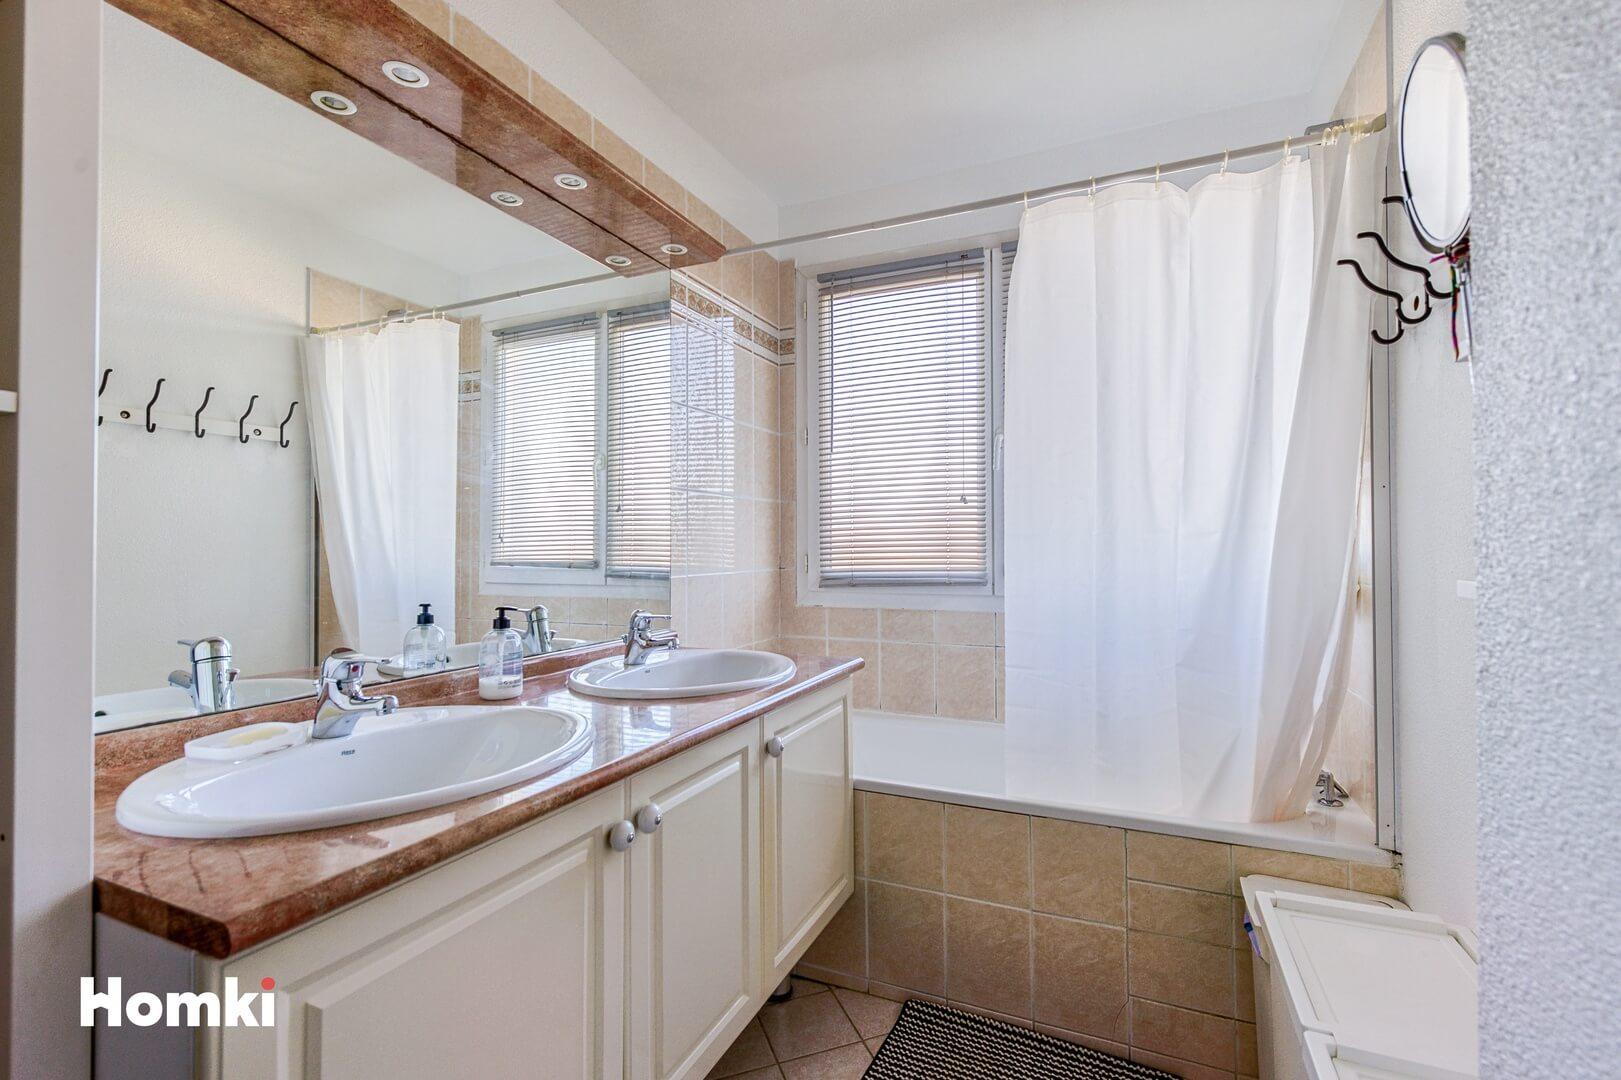 Homki - Vente Maison/villa  de 85.0 m² à Aucamville 31140